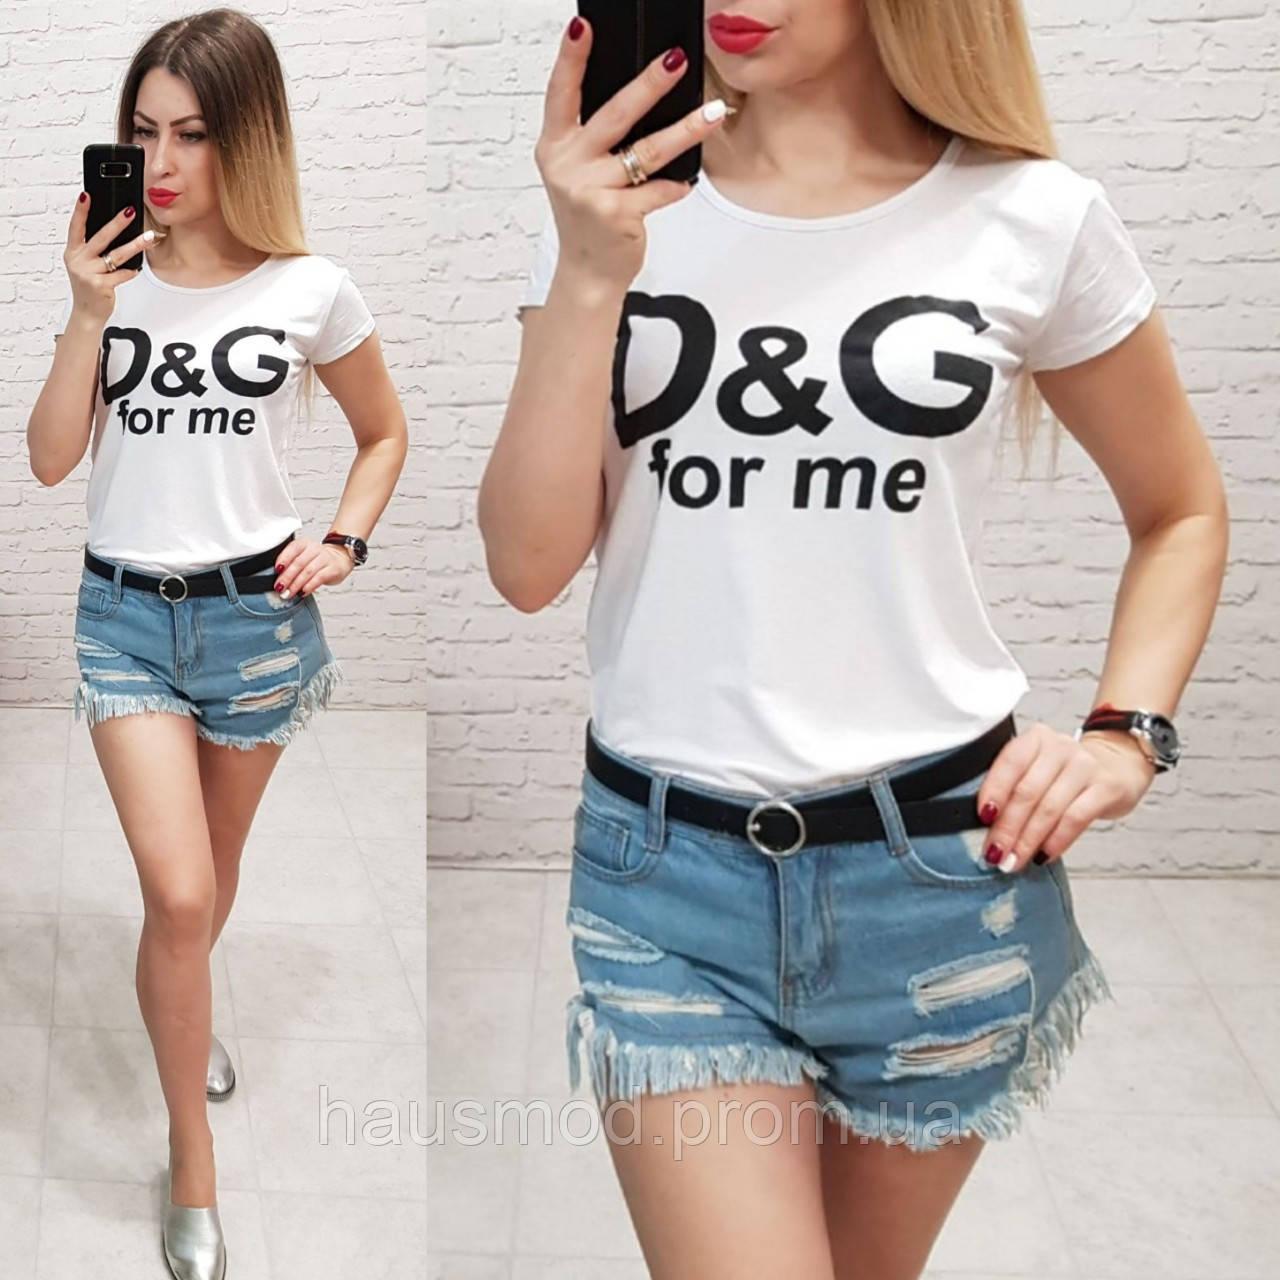 Женская футболка летняя реплика Dolce & Gabbana 100% катон качество турция цвет белый